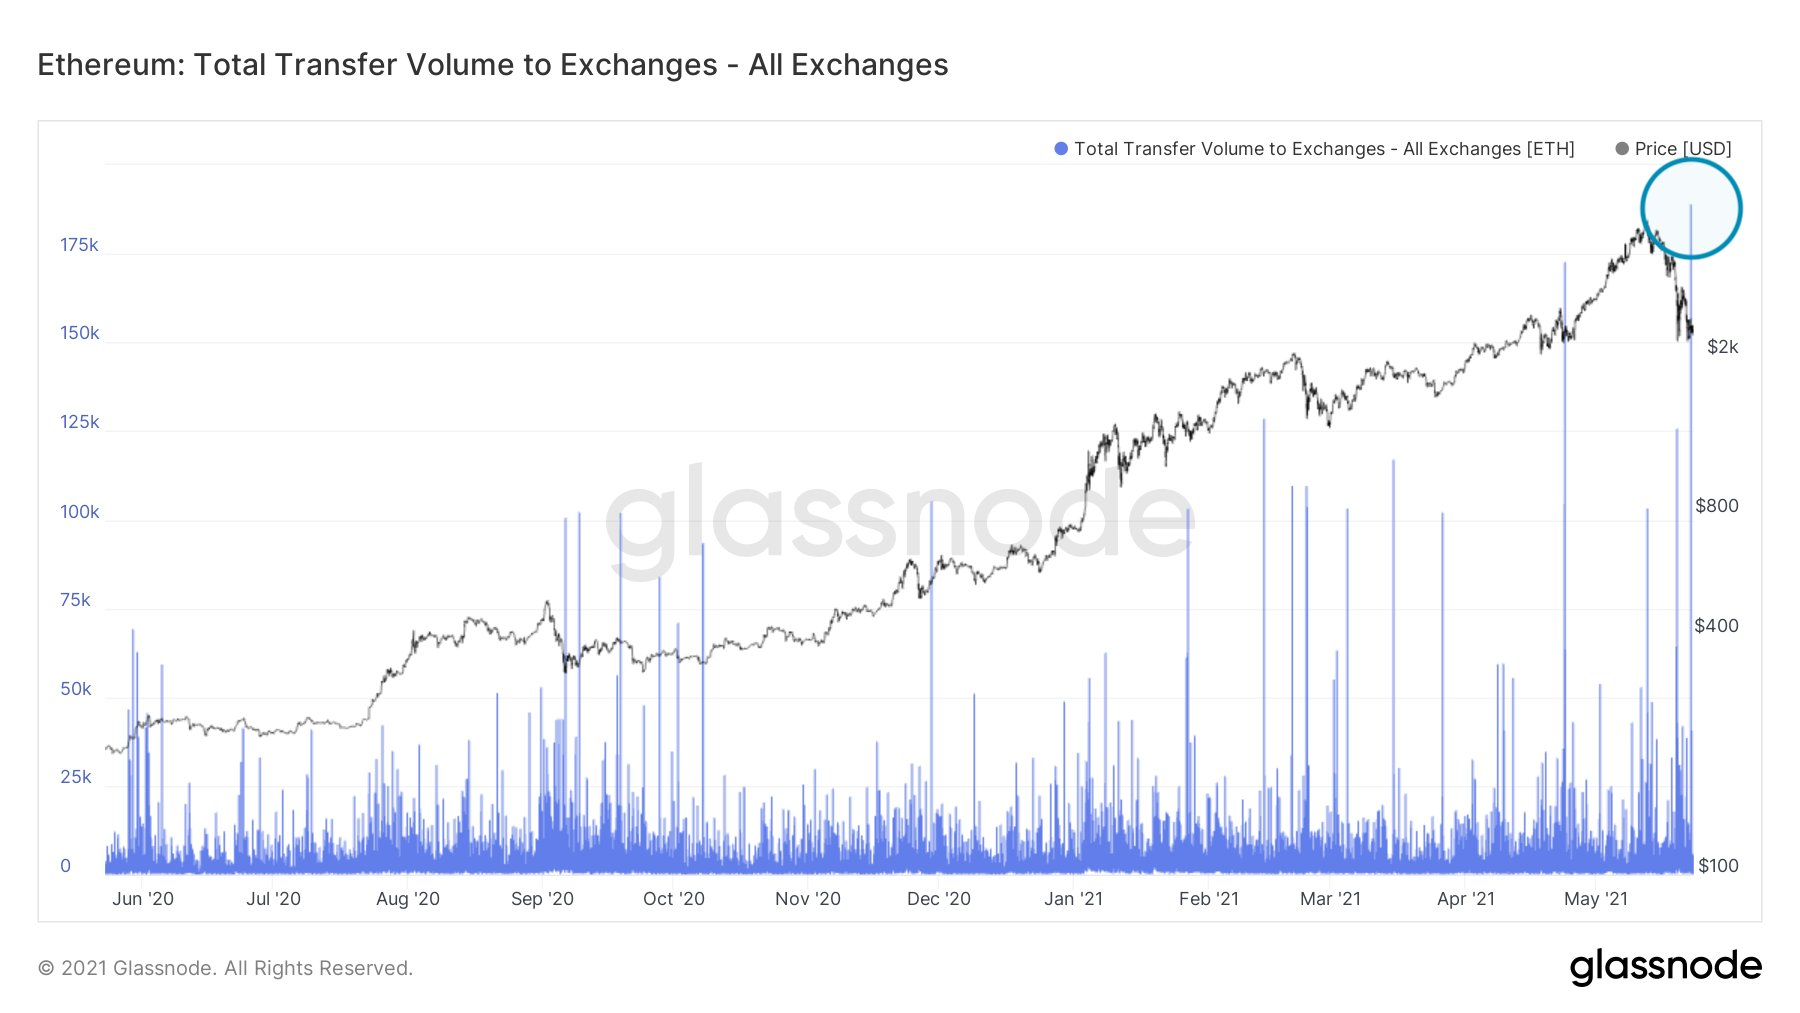 Цена эфириум растет, несмотря на падение сетевых показателей